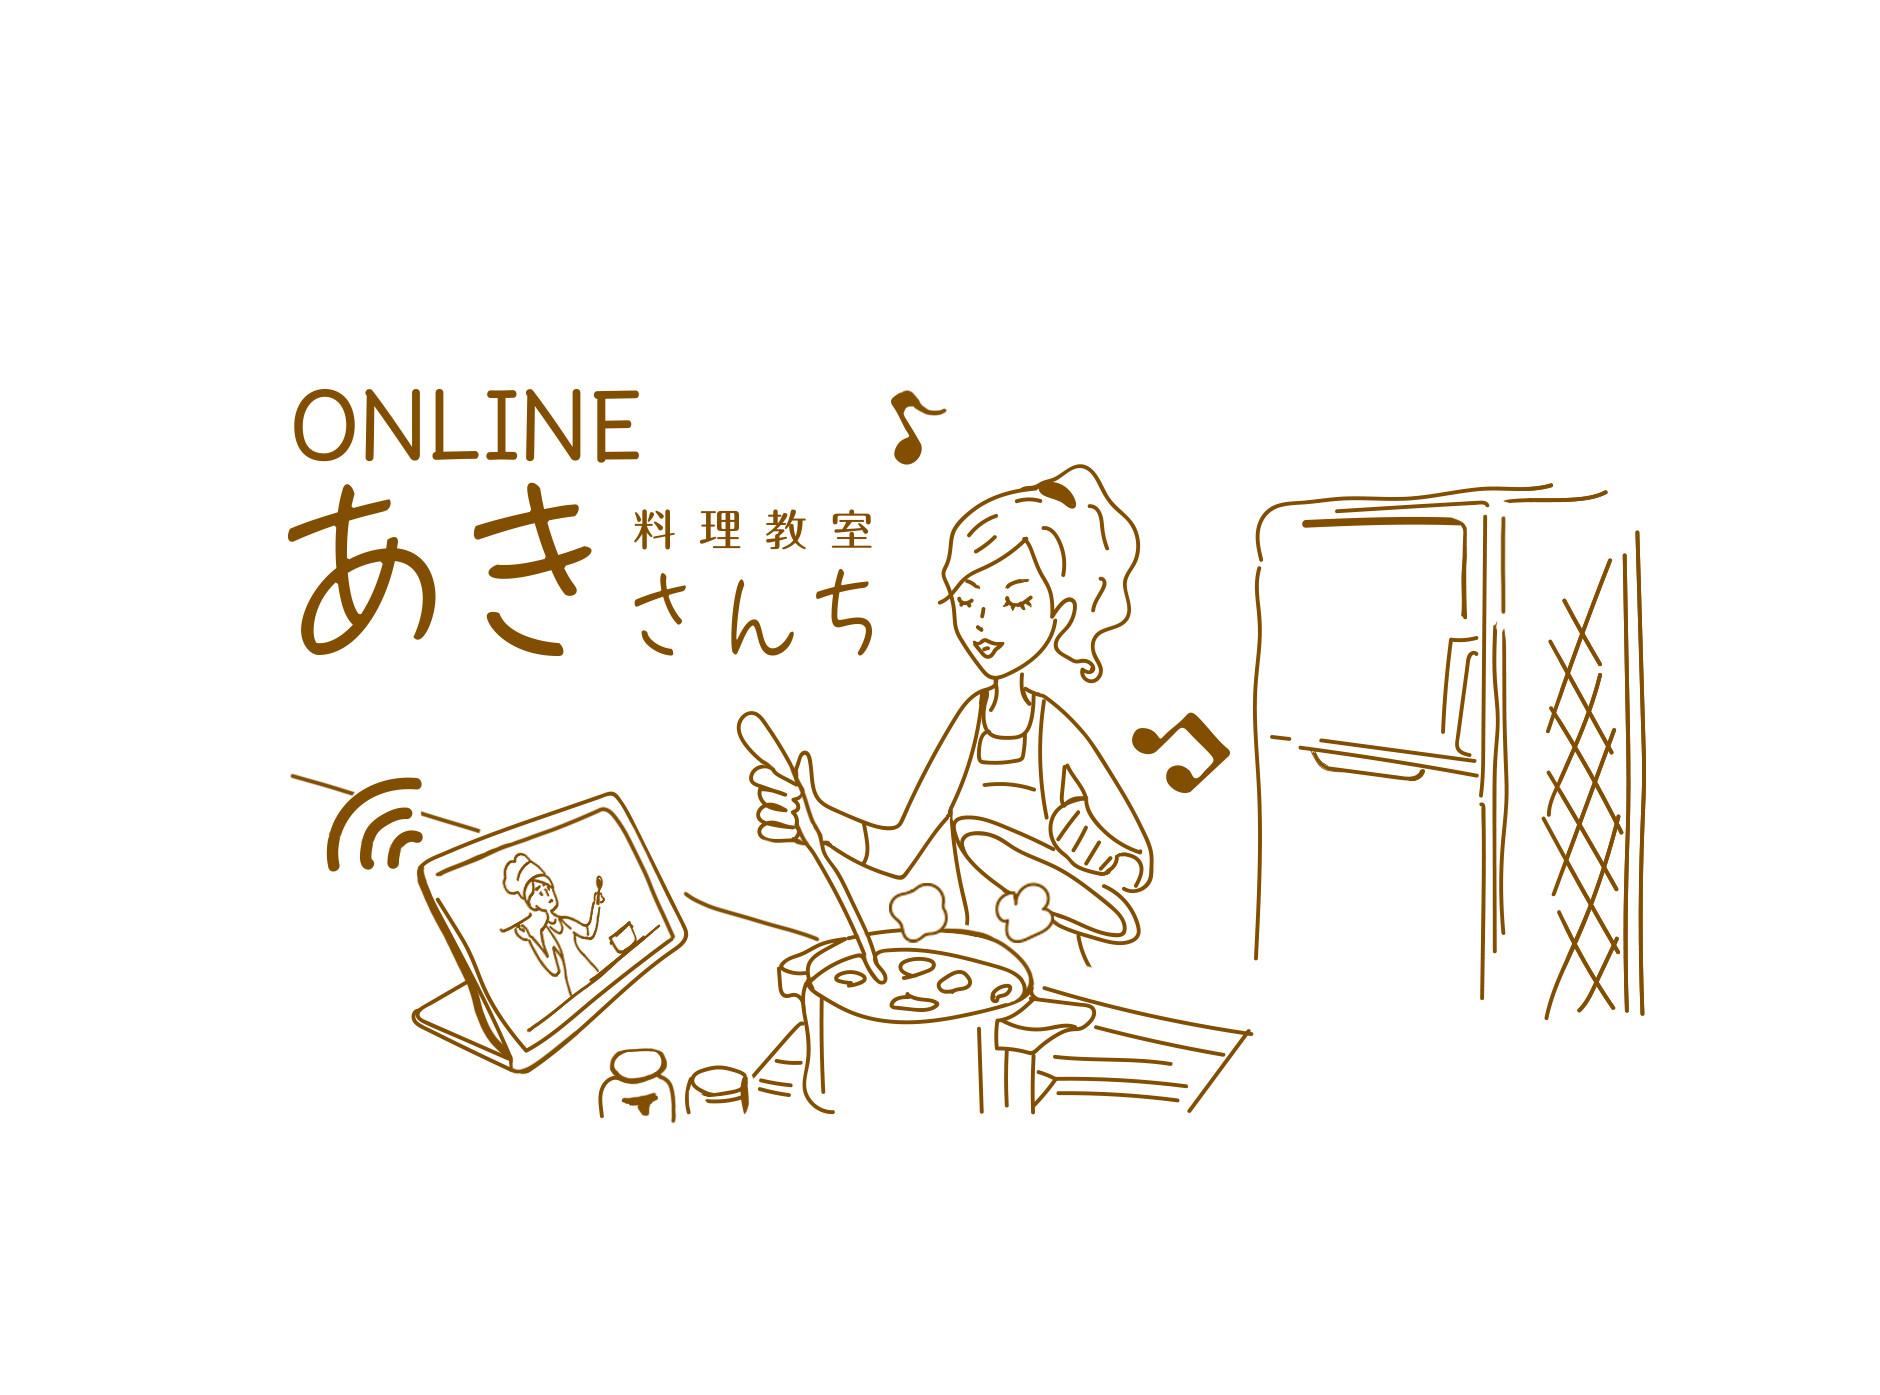 【オンライン開催】10:30 4月オンラインレッスン